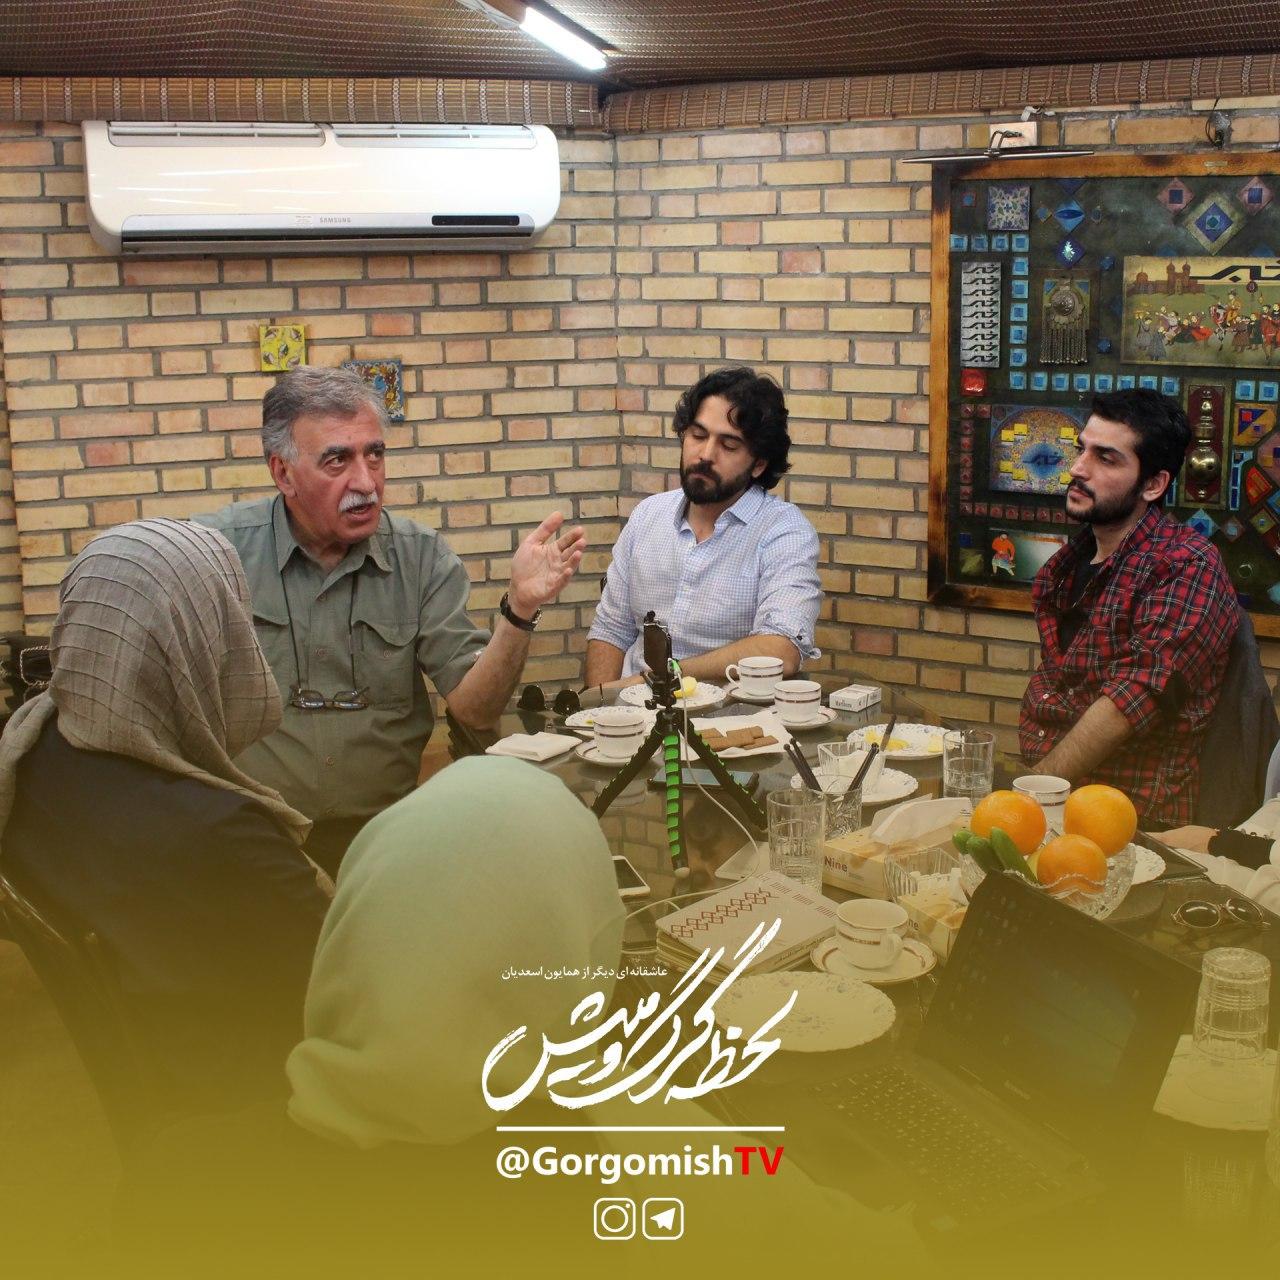 همایون اسعدیان در نشست خبری سریال تلویزیونی لحظه گرگ و میش به همراه پاشا رستمی و نیما نادری